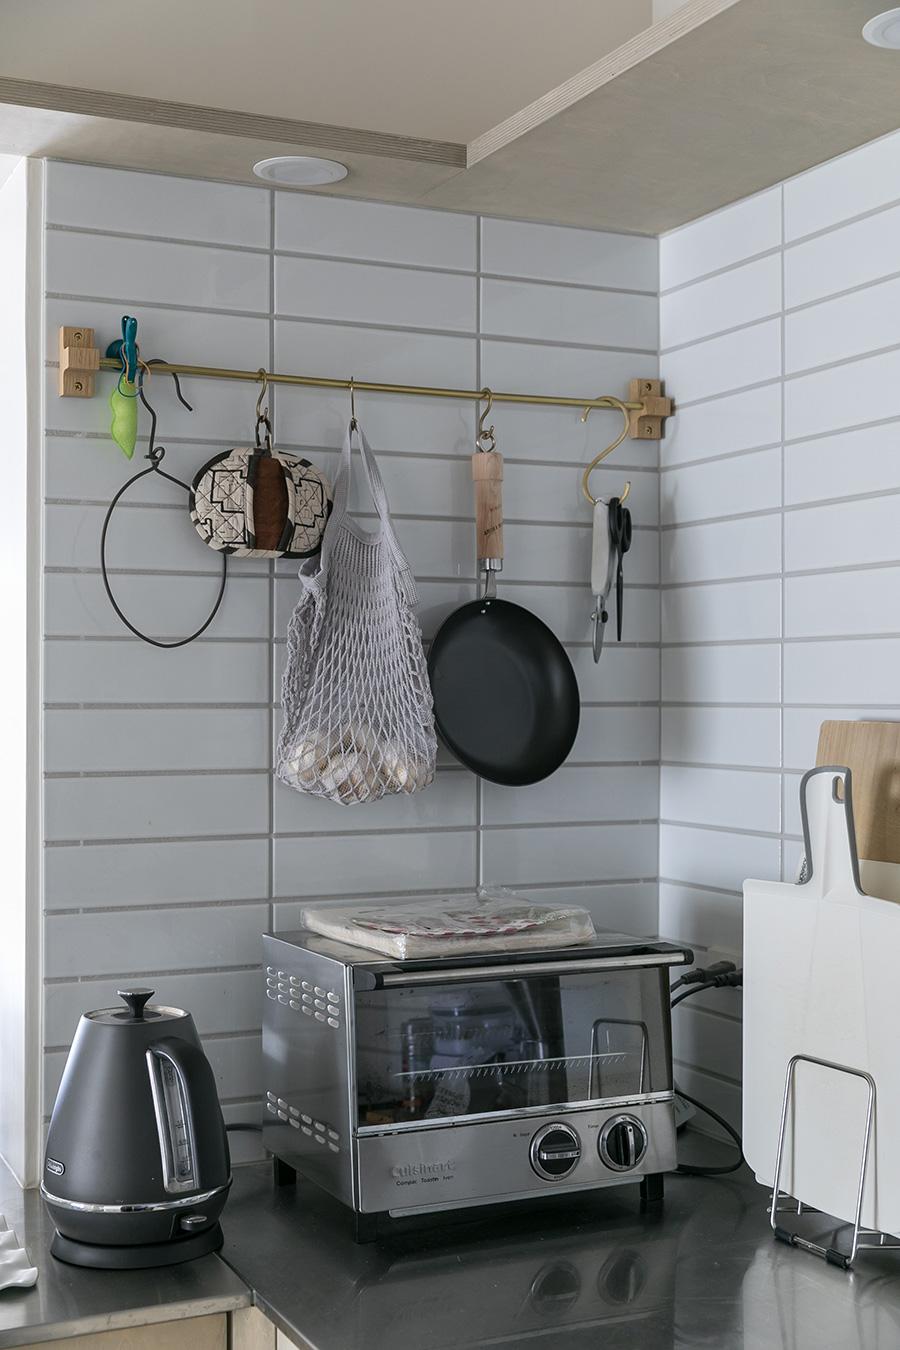 キッチンツールは妻のこだわりでセレクト。フライパンなどを吊るすバーにも真鍮を使っている。